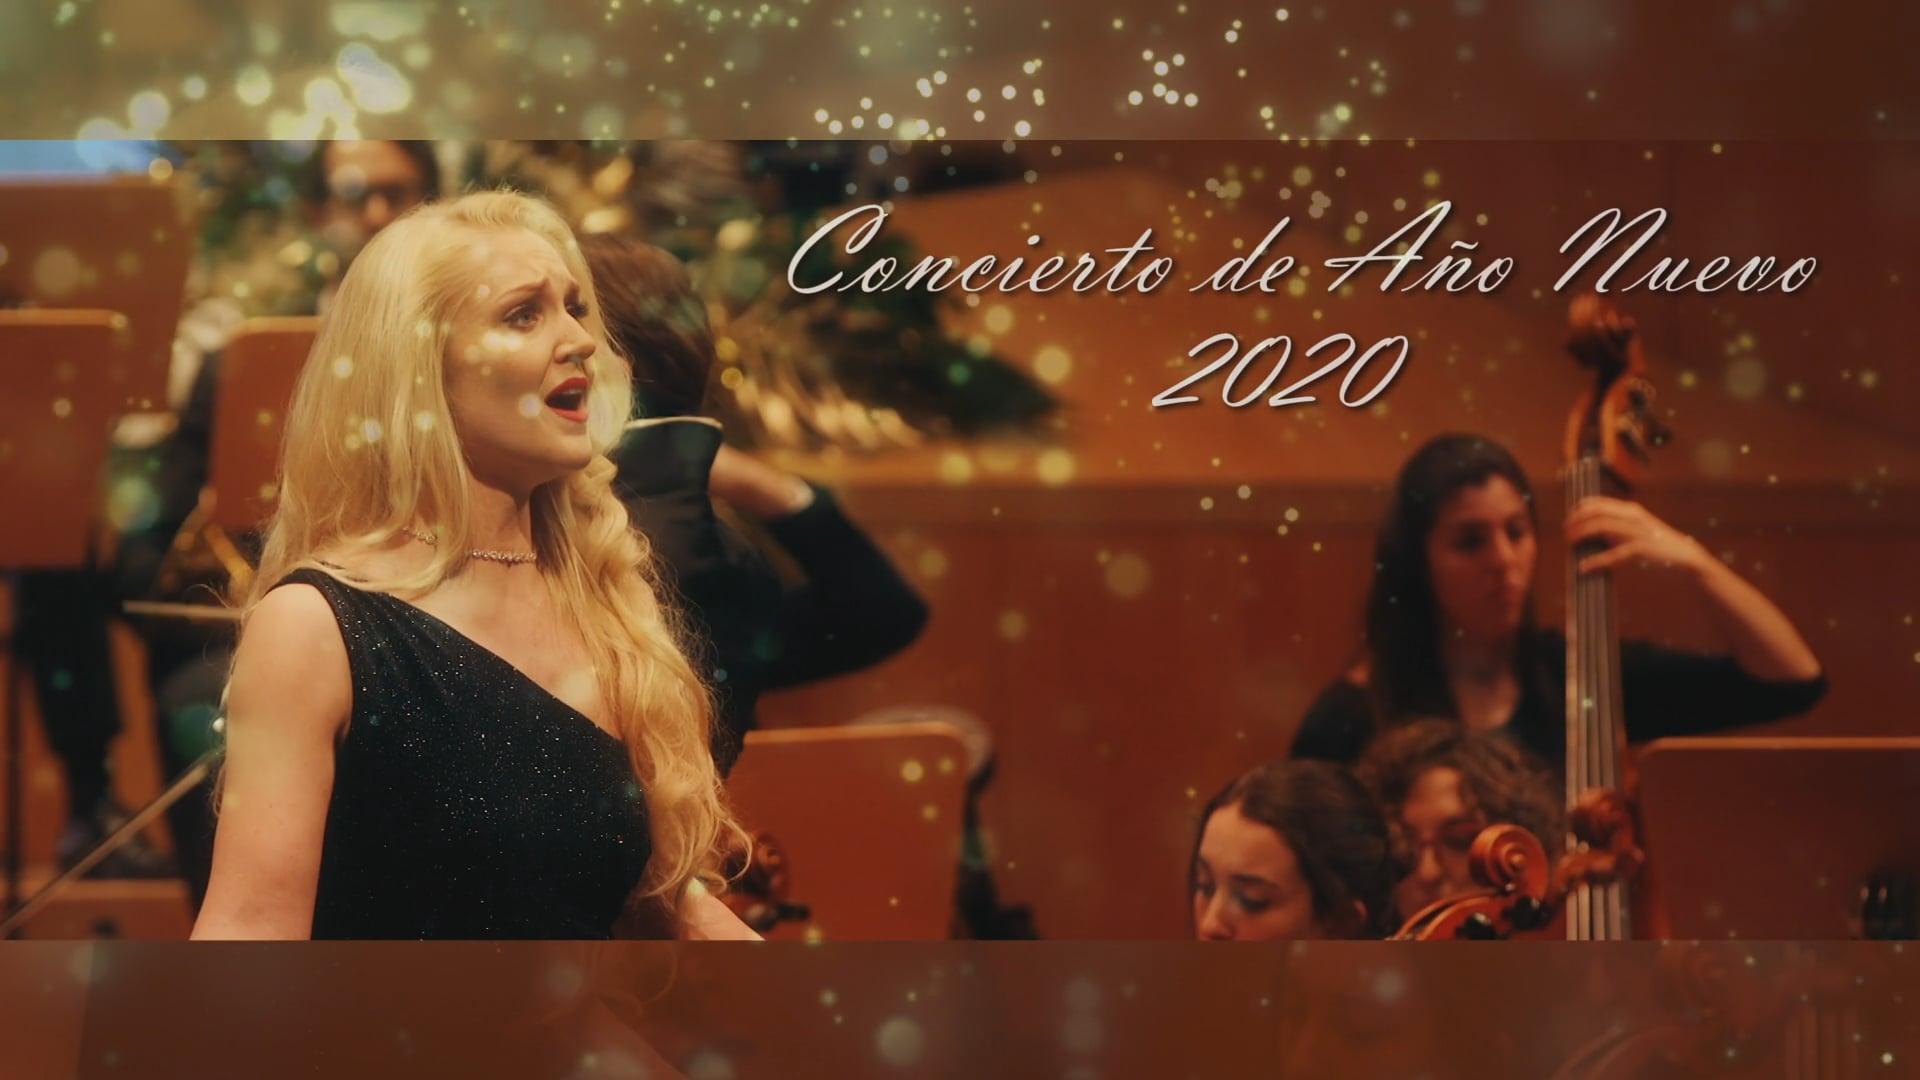 Concierto de Año Nuevo 2020